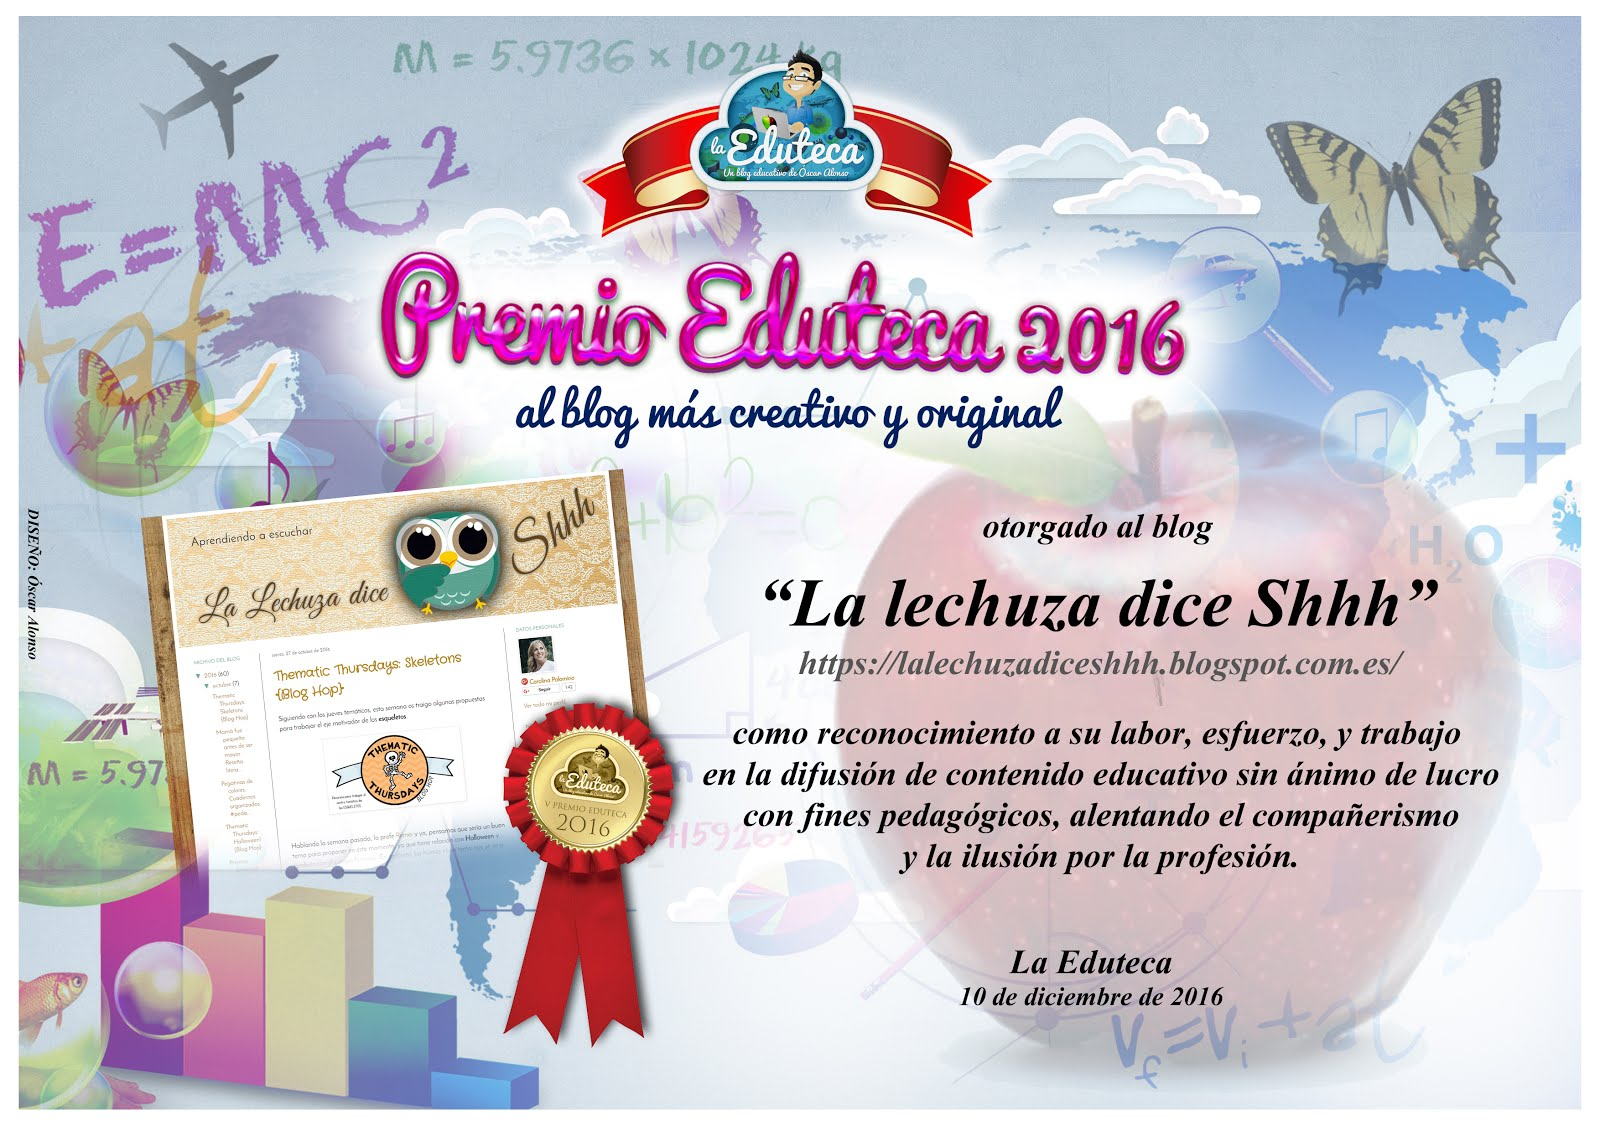 PREMIOS EDUCATECA 2016